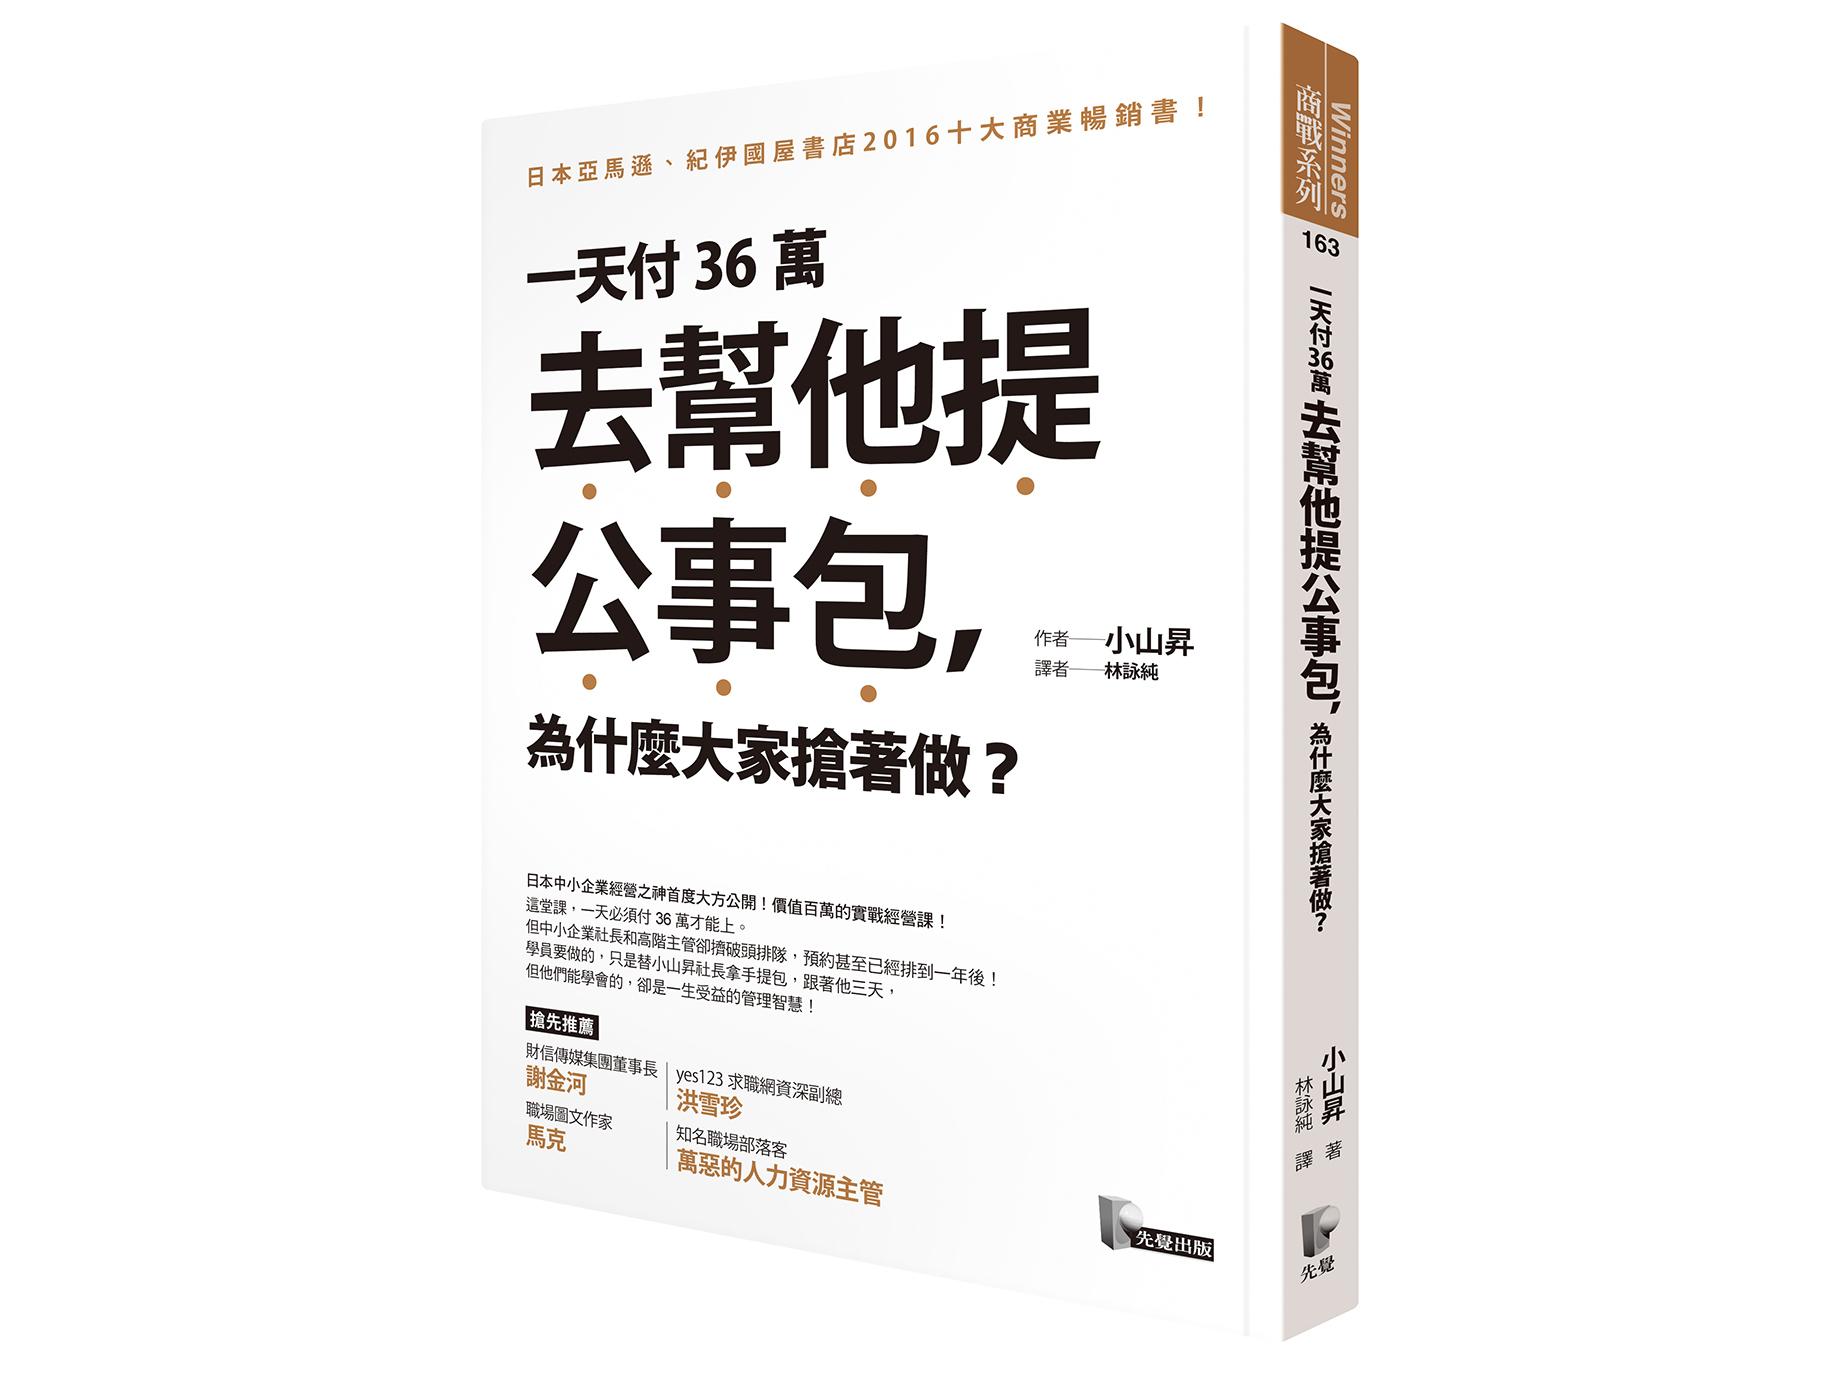 新書搶先看》人氣拉麵店的商品學:「減少」服務內容,「擴大」服務品質